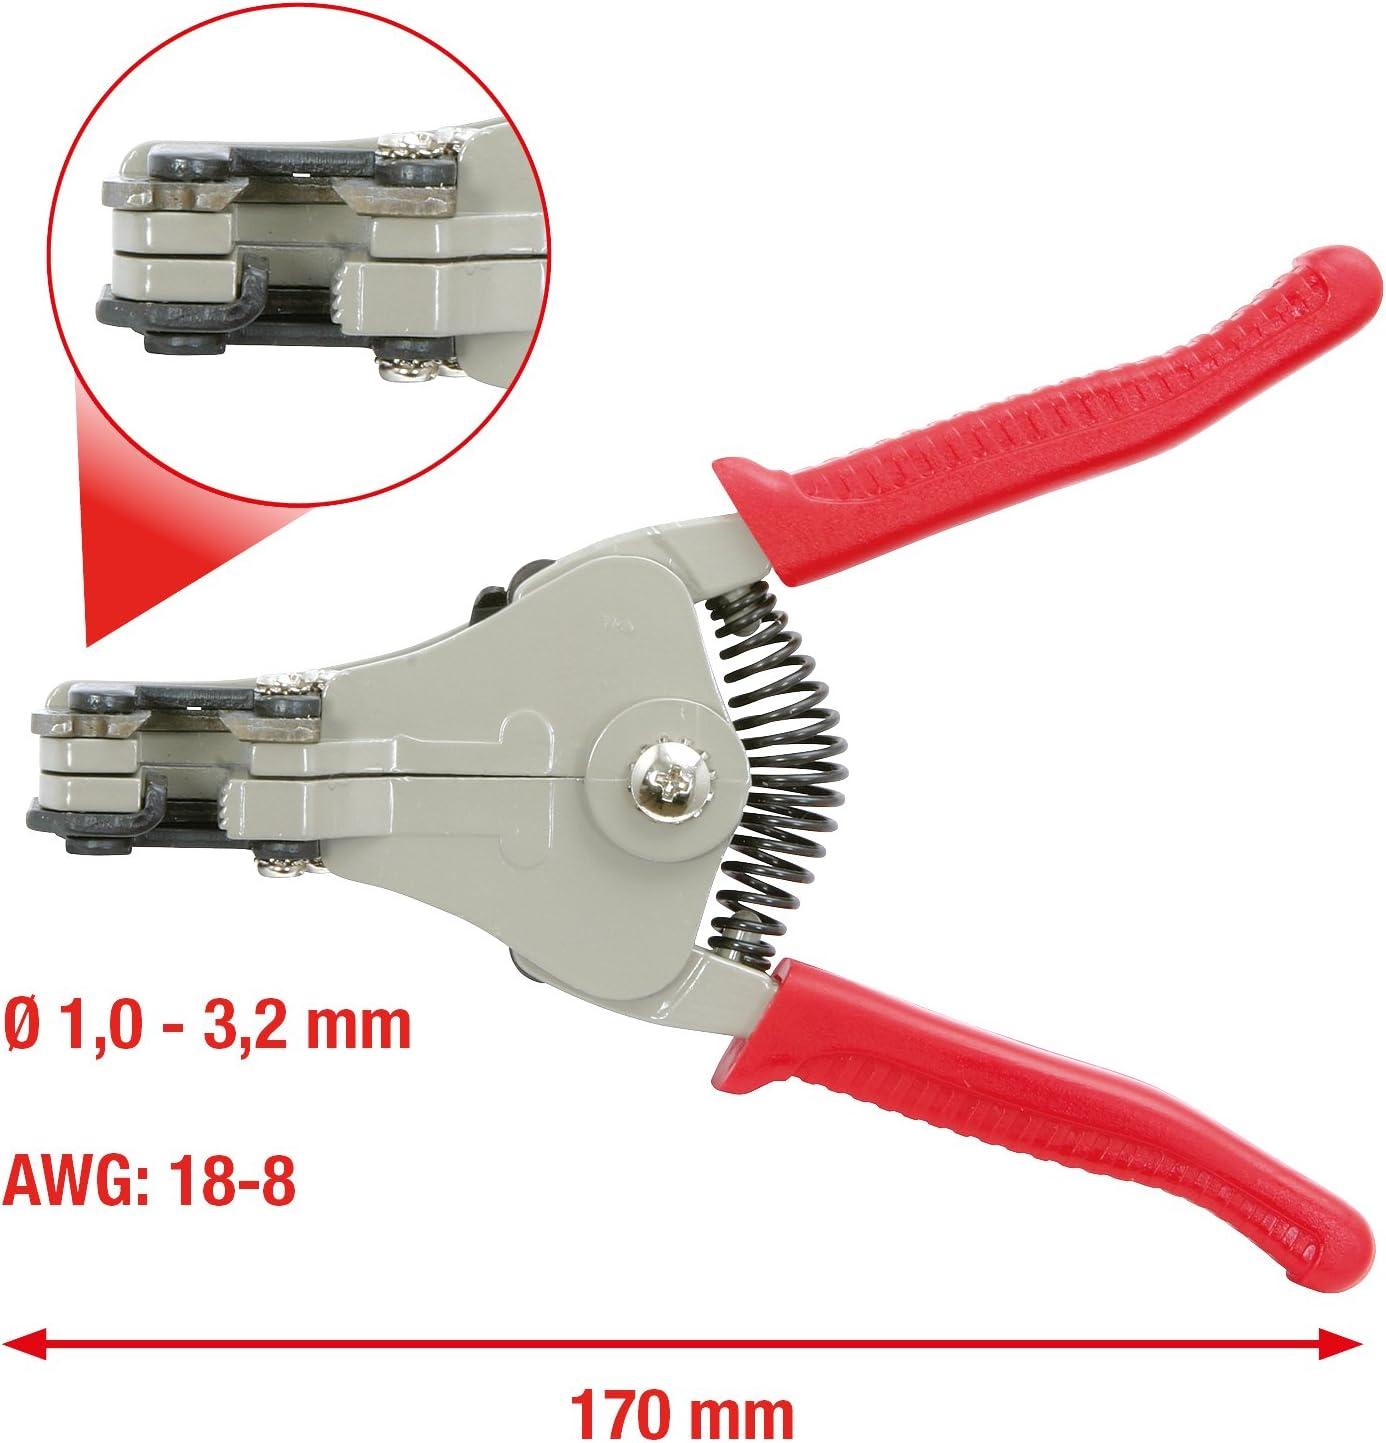 OriGlam Pince /à d/énuder automatique de pr/écision 17,8 cm